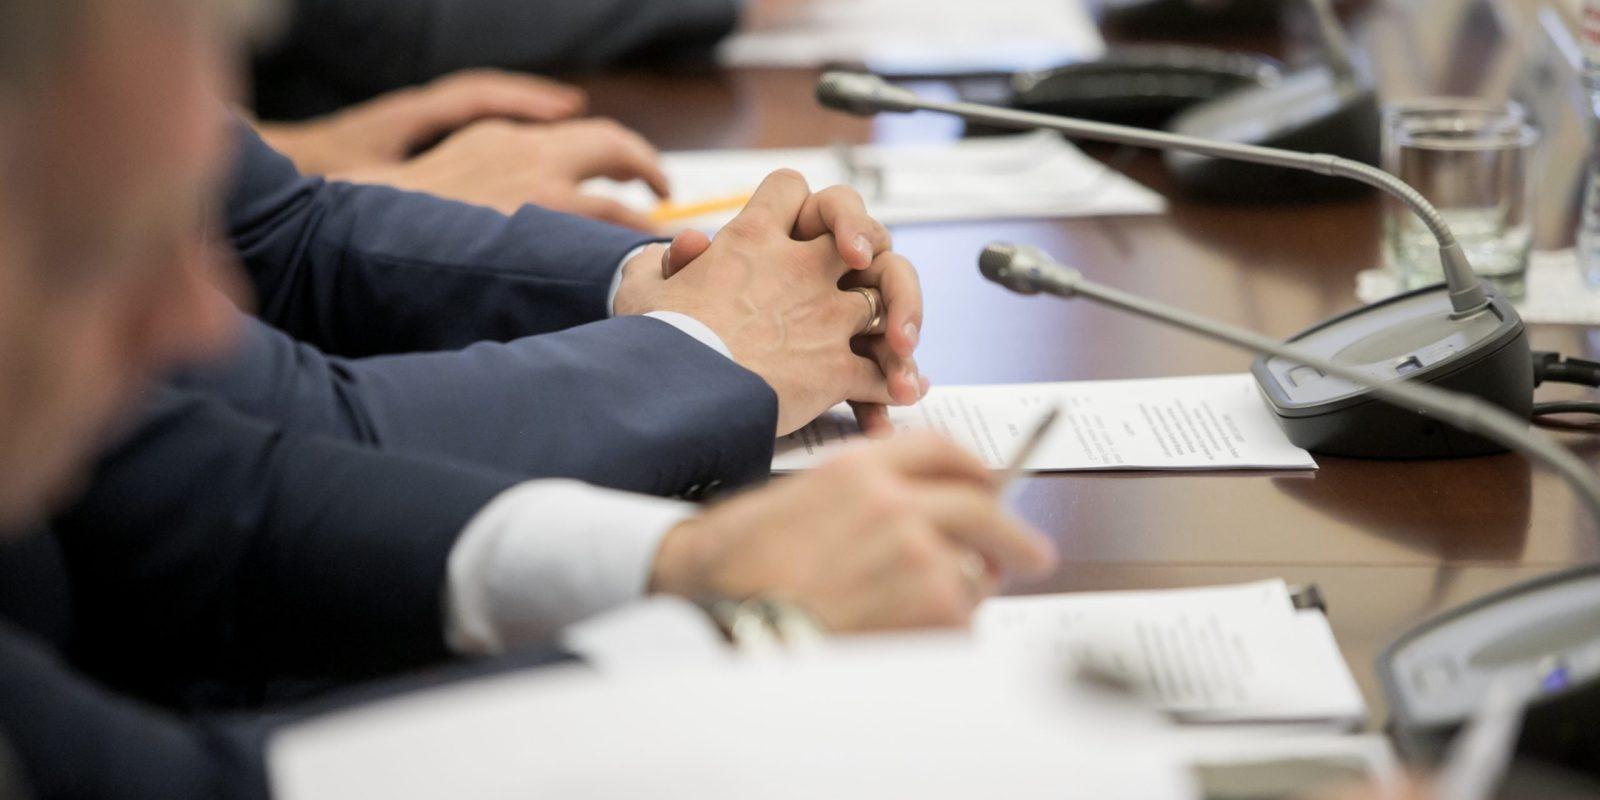 Chương trình EB-5 được ủng hộ gia hạn đến năm 2026